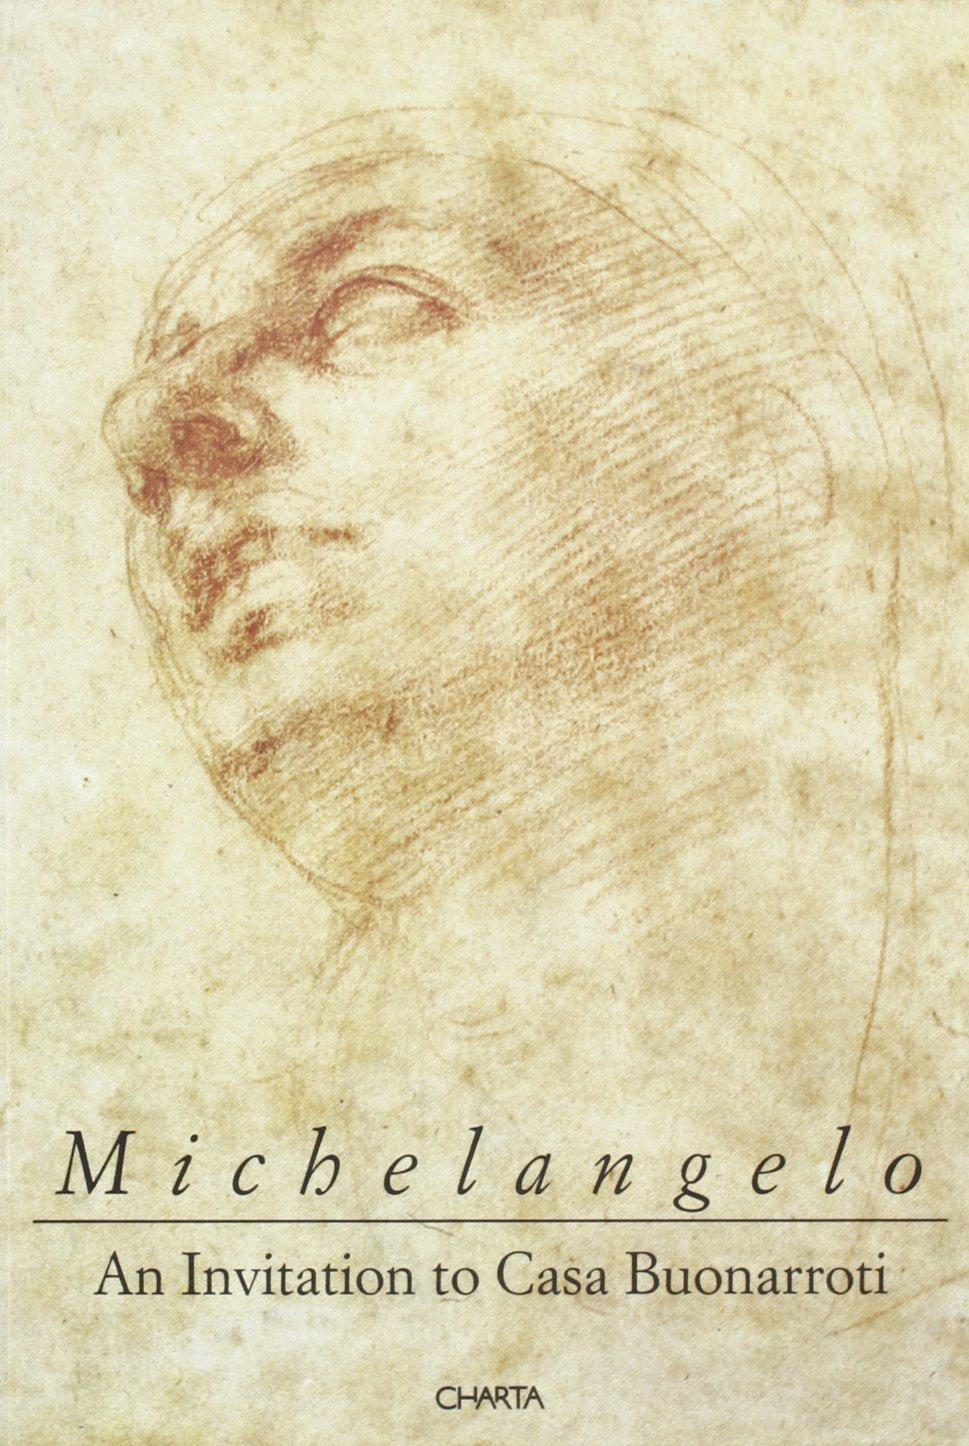 michelangelo an invitation to casa buonarroti